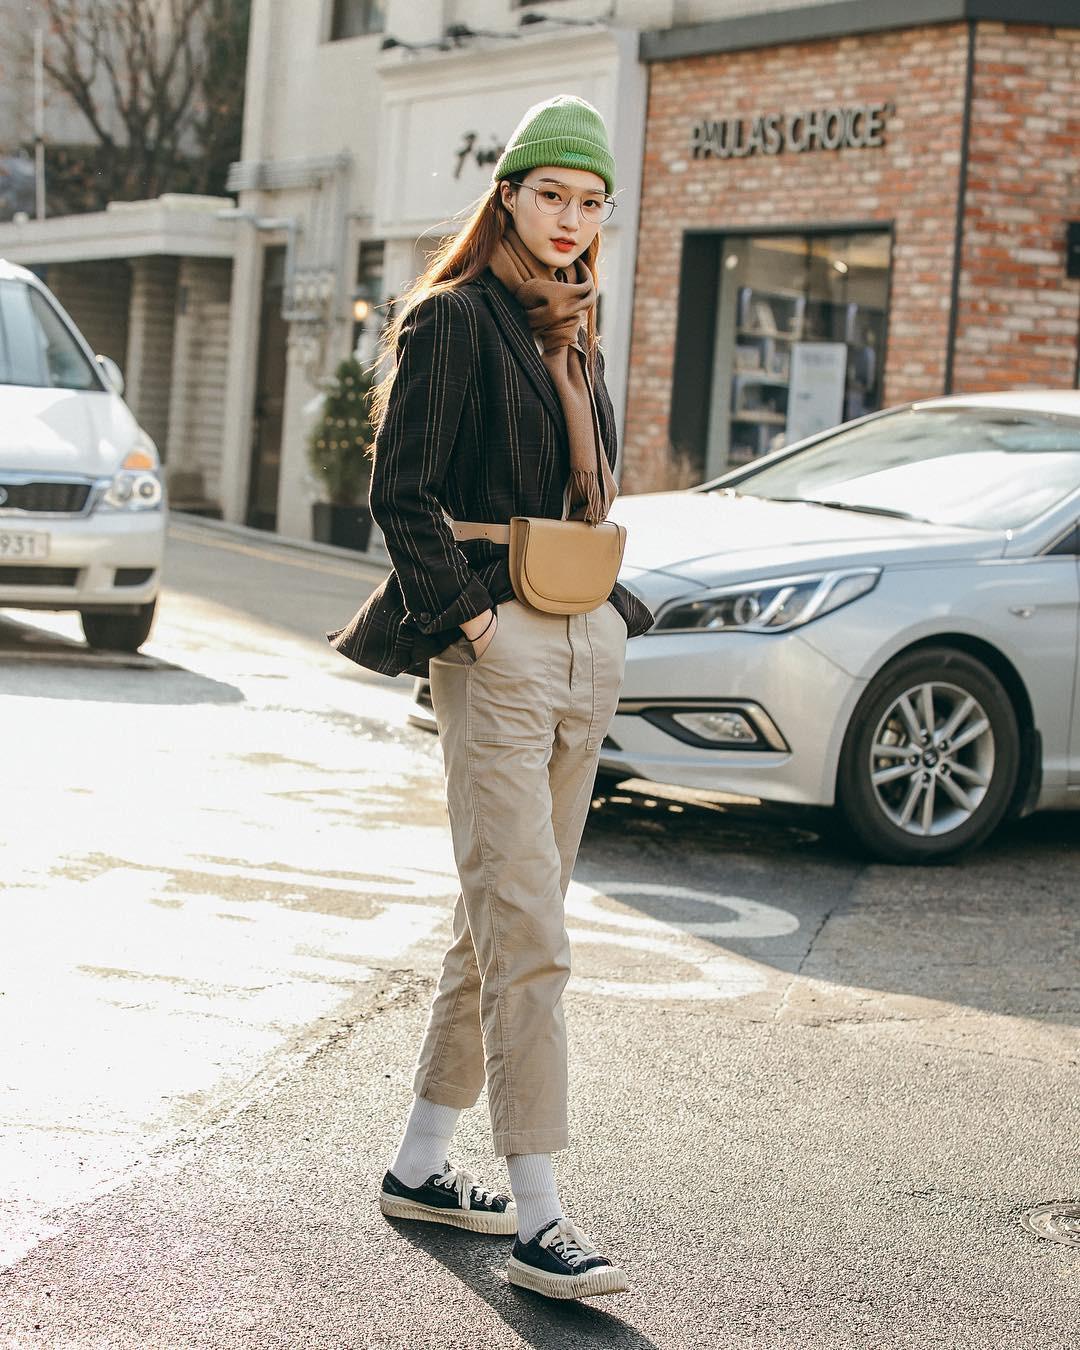 Nếu đã chán cách ăn mặc basic, bạn hãy xem ngay street style không đụng hàng mà lại dễ áp dụng của Hàn - Ảnh 1.